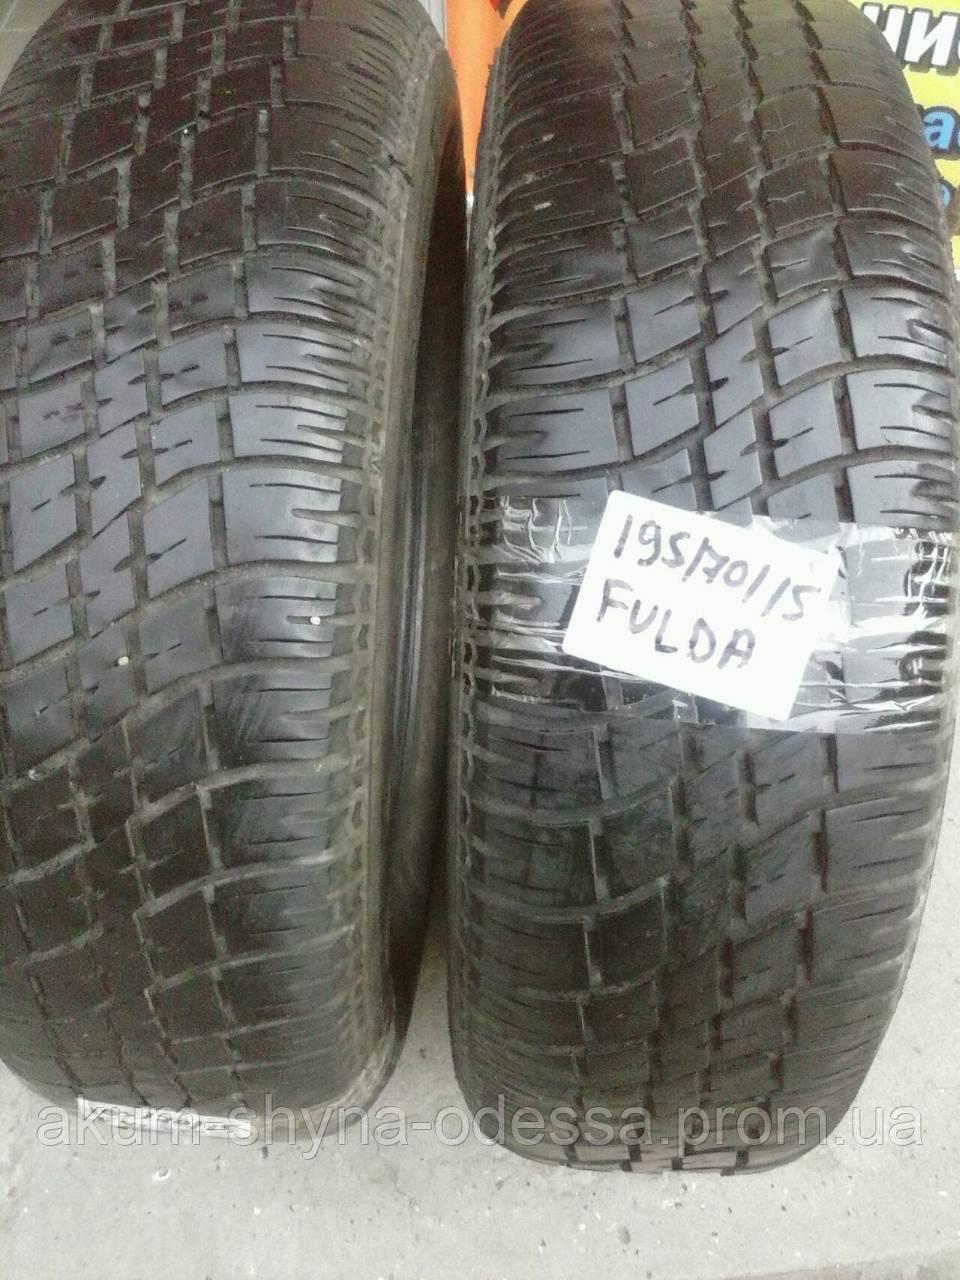 Шины летние б/у 195/70 R15 Fulda 2шт протектор 6+мм